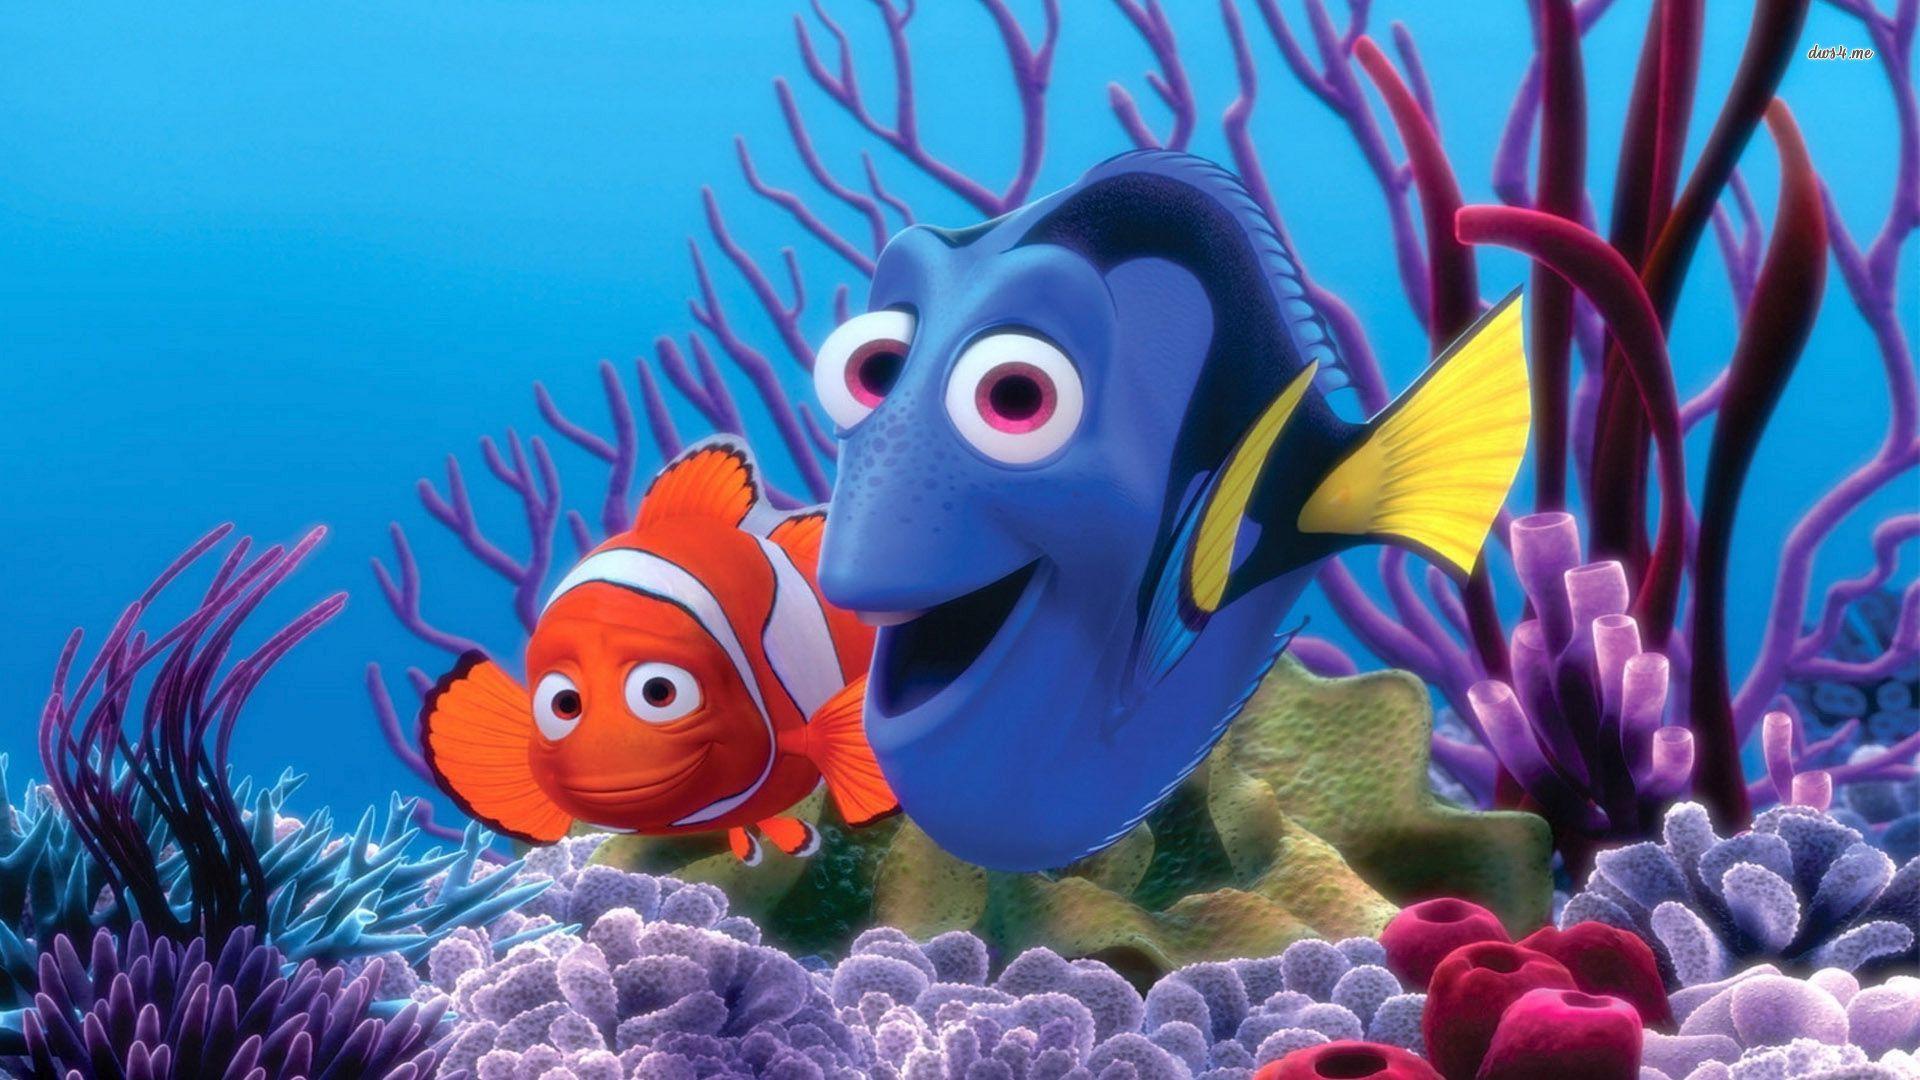 Finding Nemo Computer Wallpapers Desktop Backgrounds